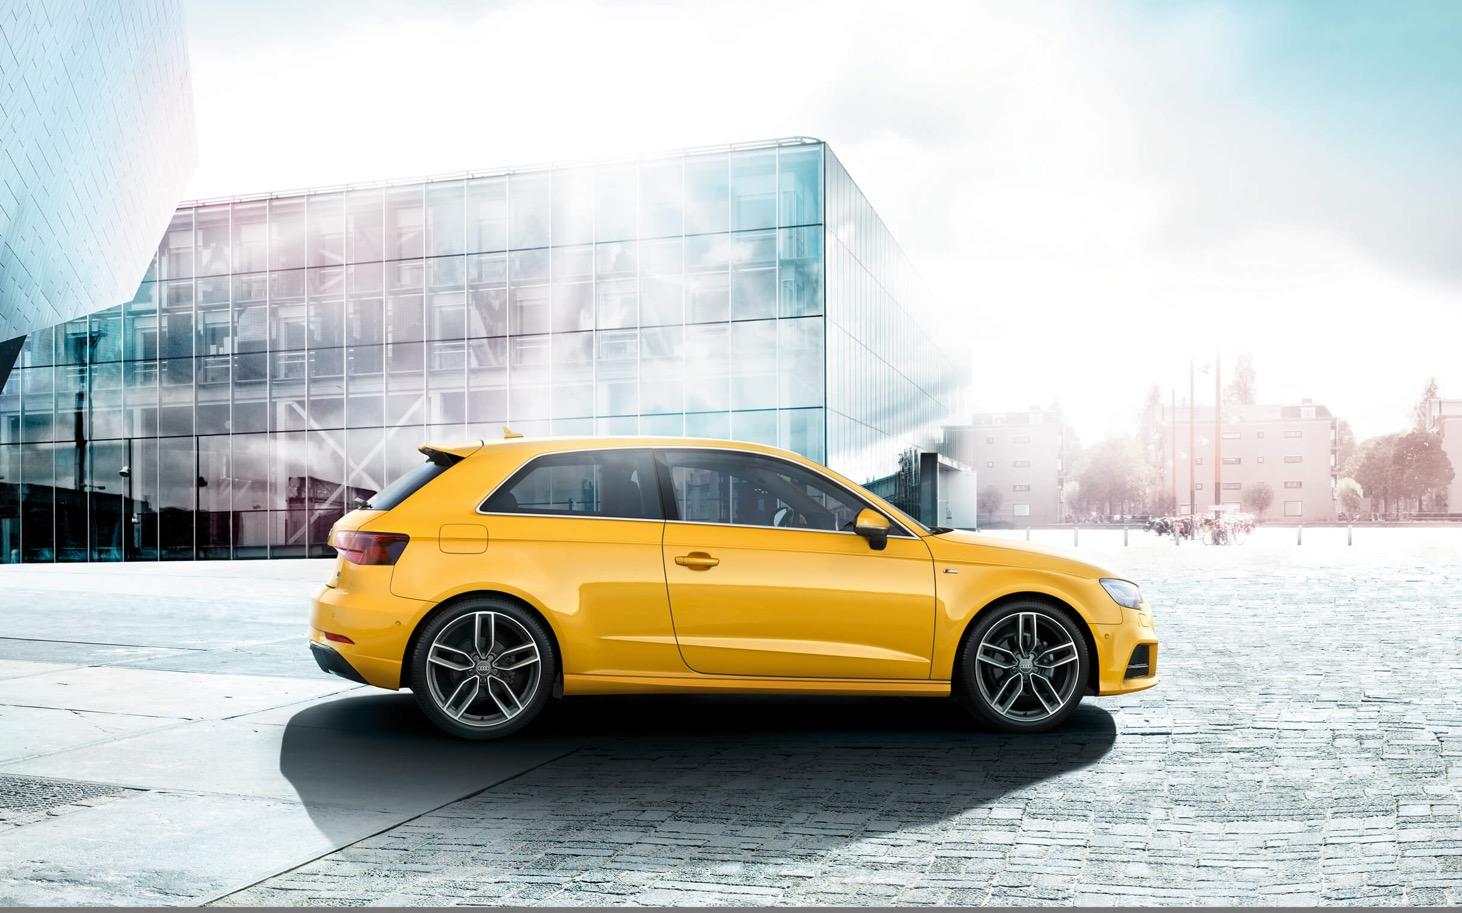 Audi-A3-side-angle2436x1552.jpg